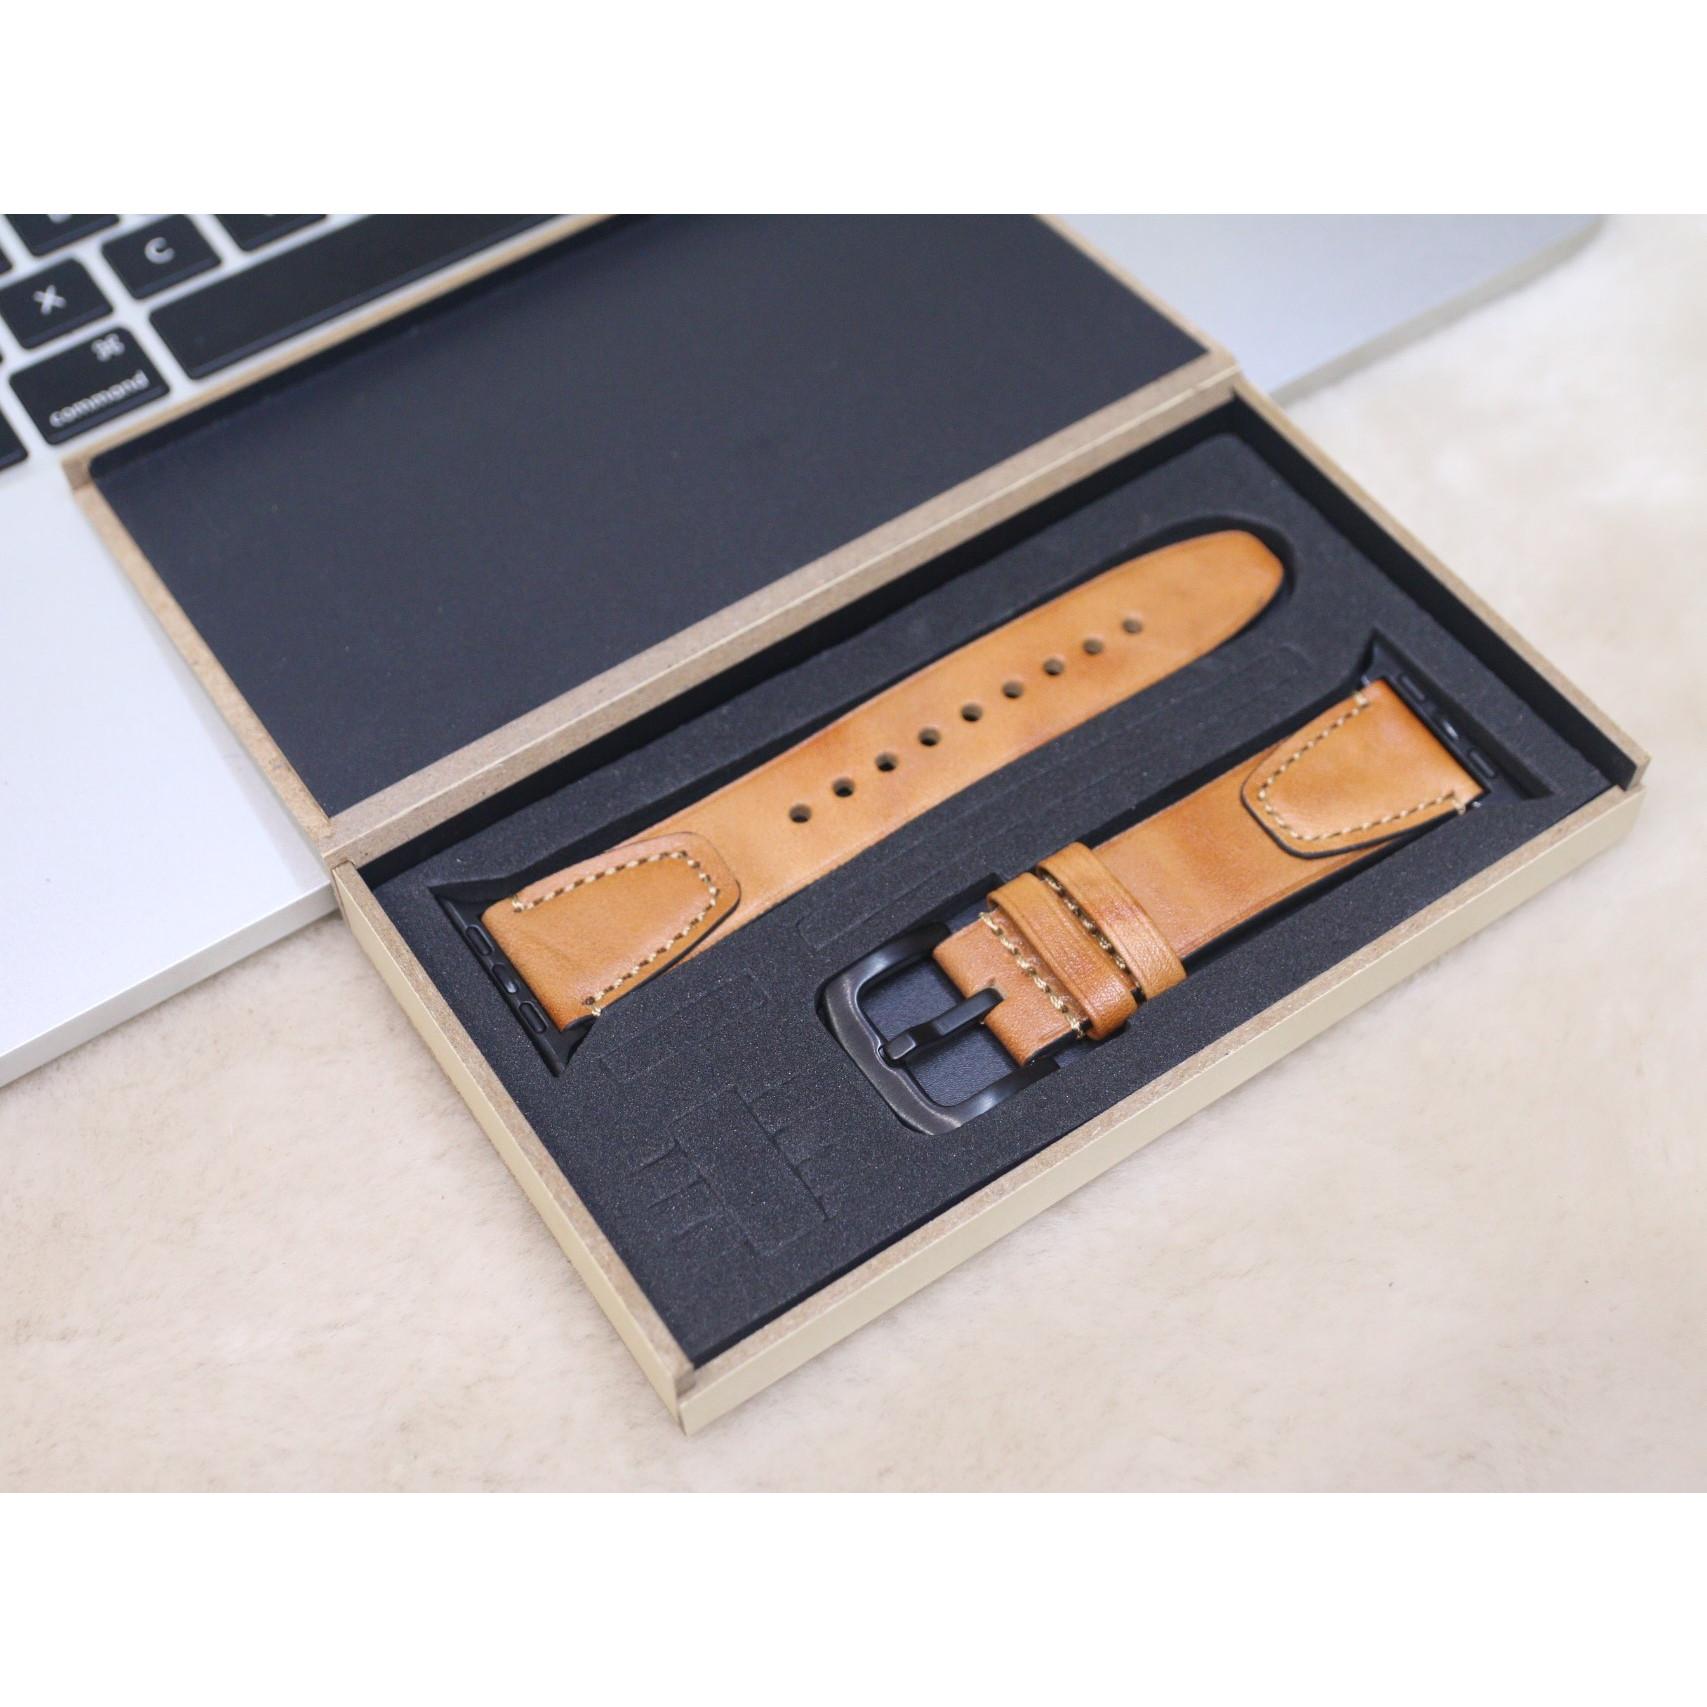 Dây đeo thay thế dành cho Apple Watch 1,2,3,4,5 da bò Ý